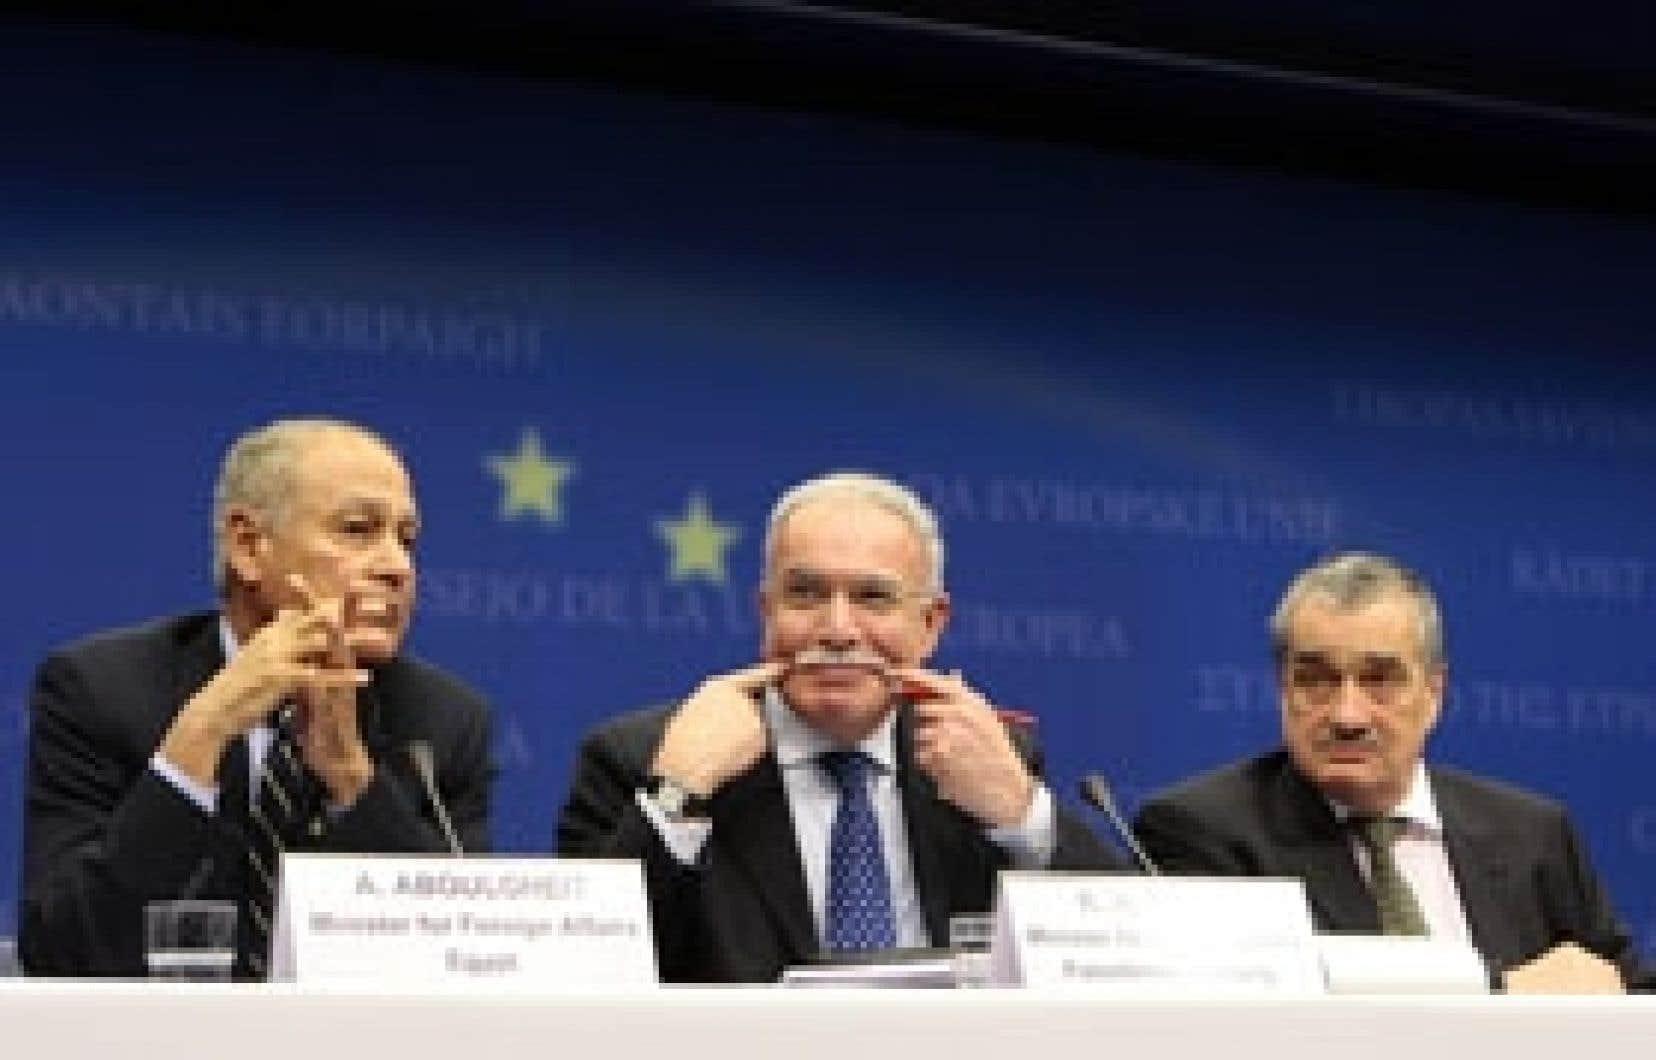 Le ministre des Affaires étrangères égyptien, Ahmed Aboul Gheit, en compagnie du chef de la diplomatie palestinienne, Riyad al-Maliki.